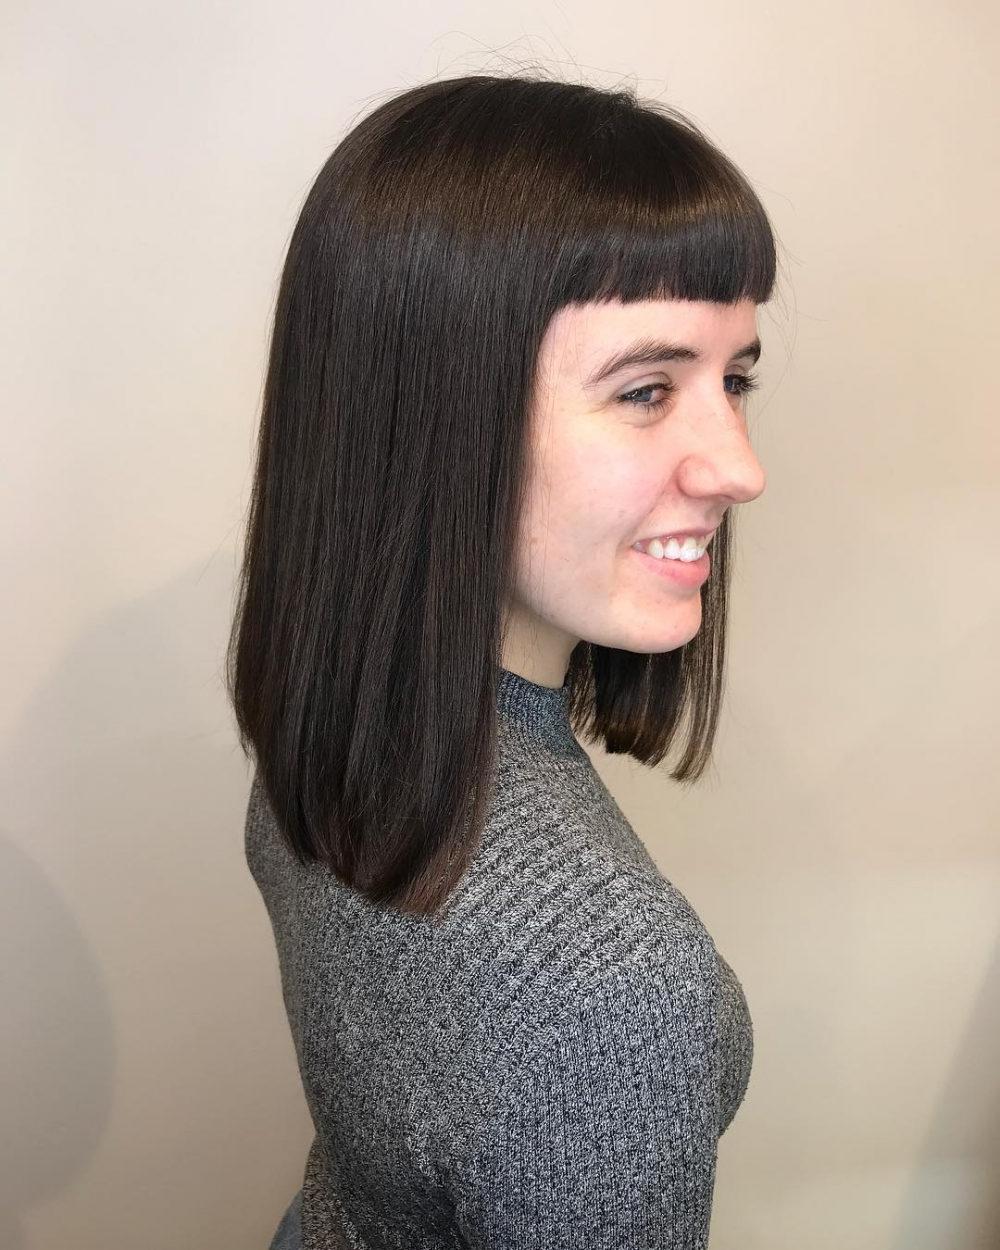 53 Popular Medium Length Hairstyles With Bangs In 2019 Inside 2018 Bangs Medium Hairstyles (View 2 of 20)